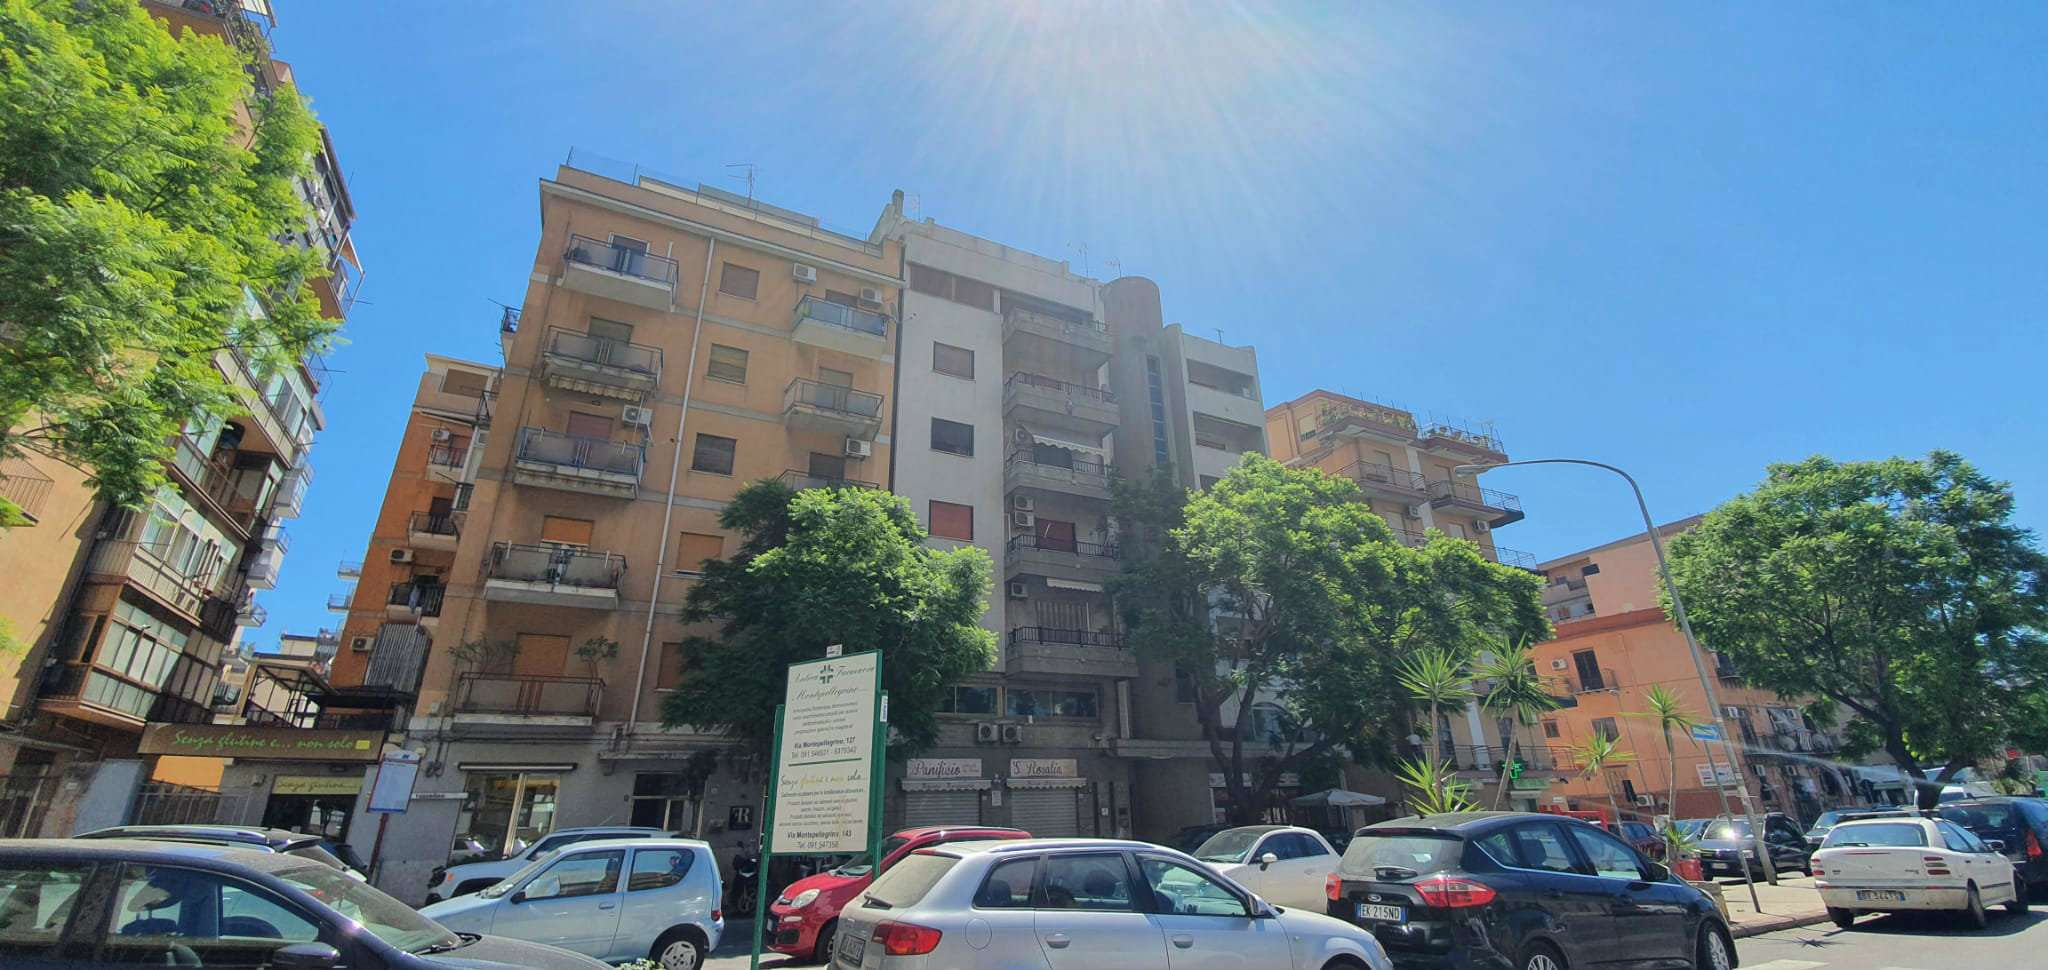 Ufficio-studio in Affitto a Palermo Periferia: 2 locali, 45 mq